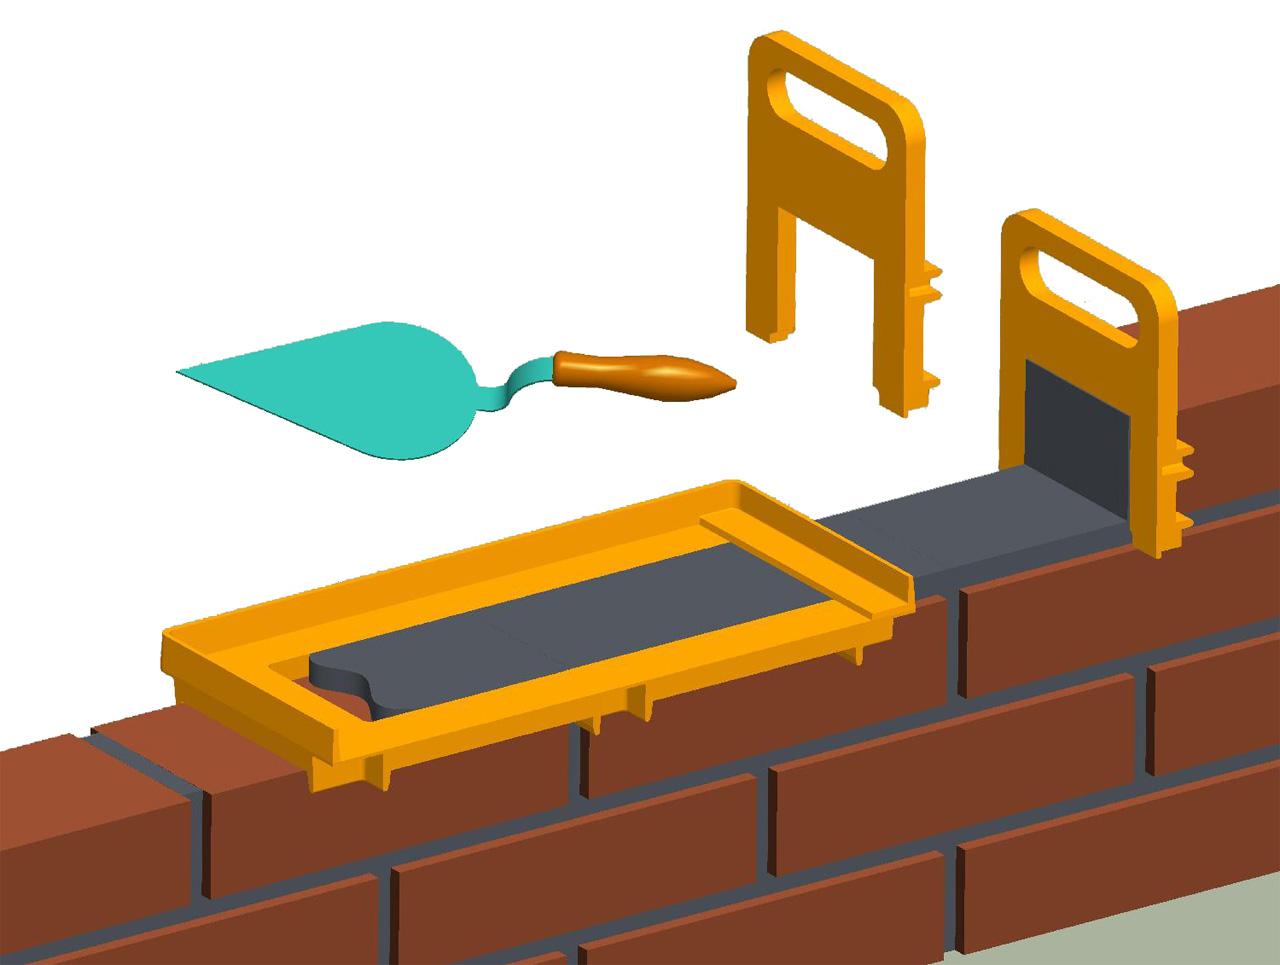 klinkernyj-ventiliruemyj-fasad-foto-tehnologiya-stroitelstva-2